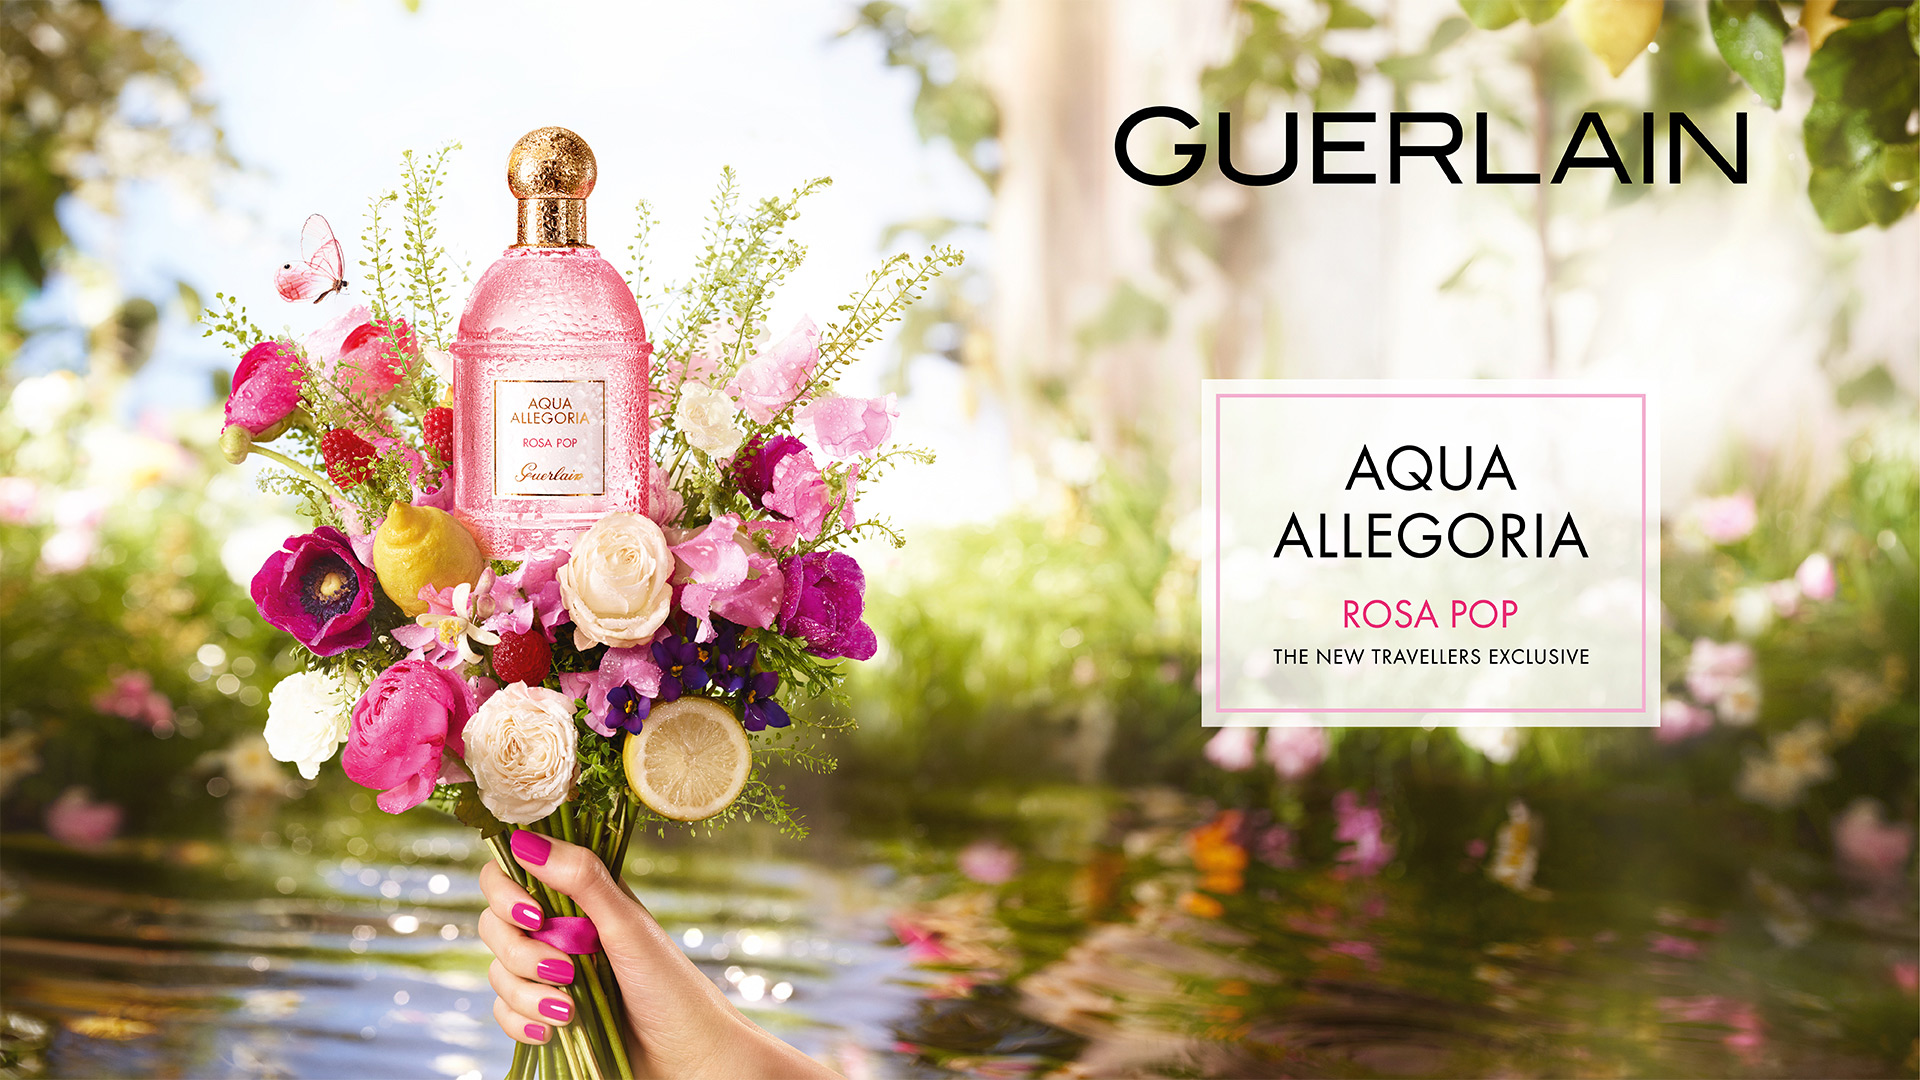 Aqua Allegoria Rosa Pop Guerlain Perfume A New Fragrance